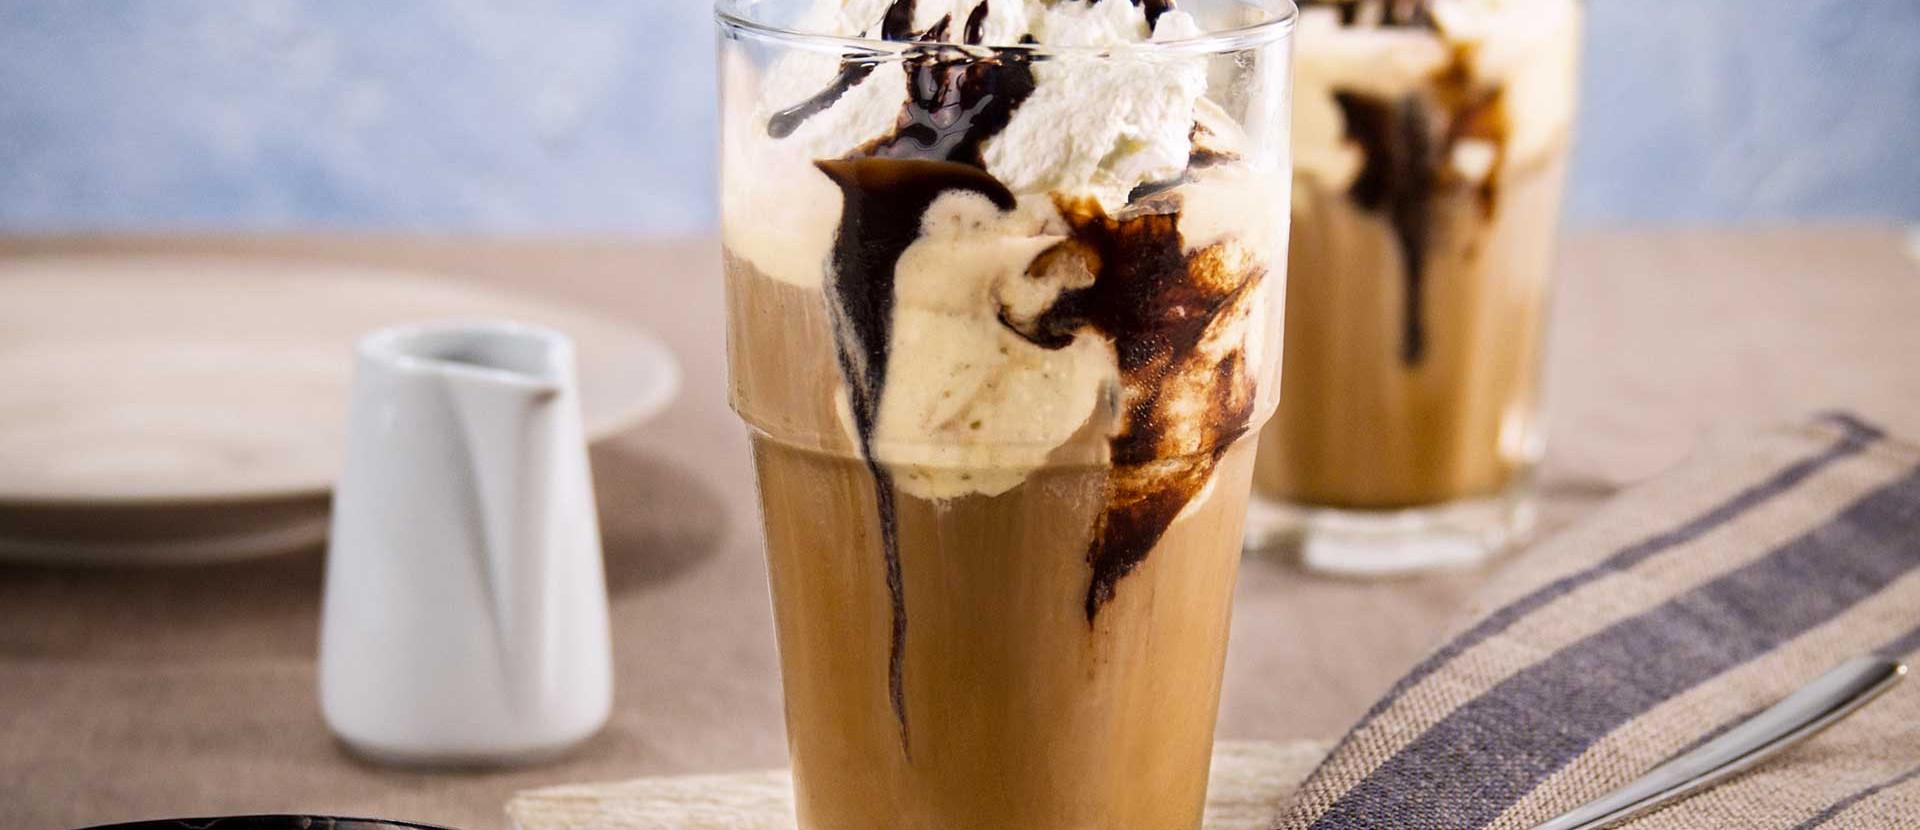 Eiskaffee mit Vanilleeis, Schlagsahne und Schokosauce